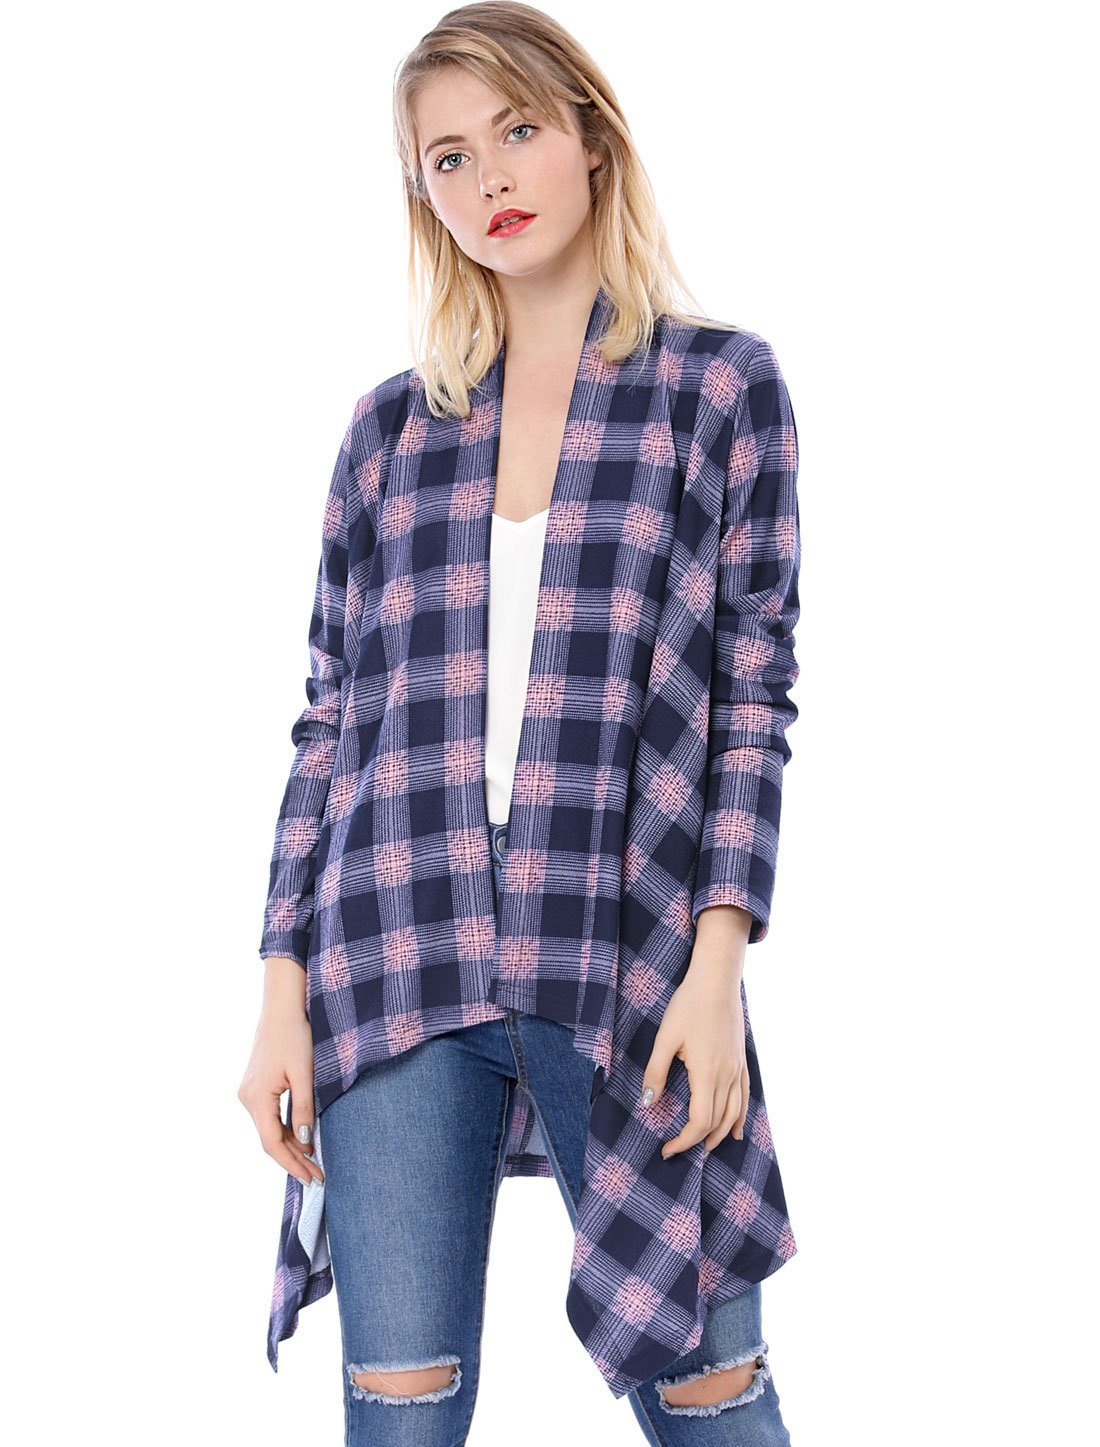 Allegra K Women's Handkerchief Hem Open Front Plaids Cardigan XS Pink